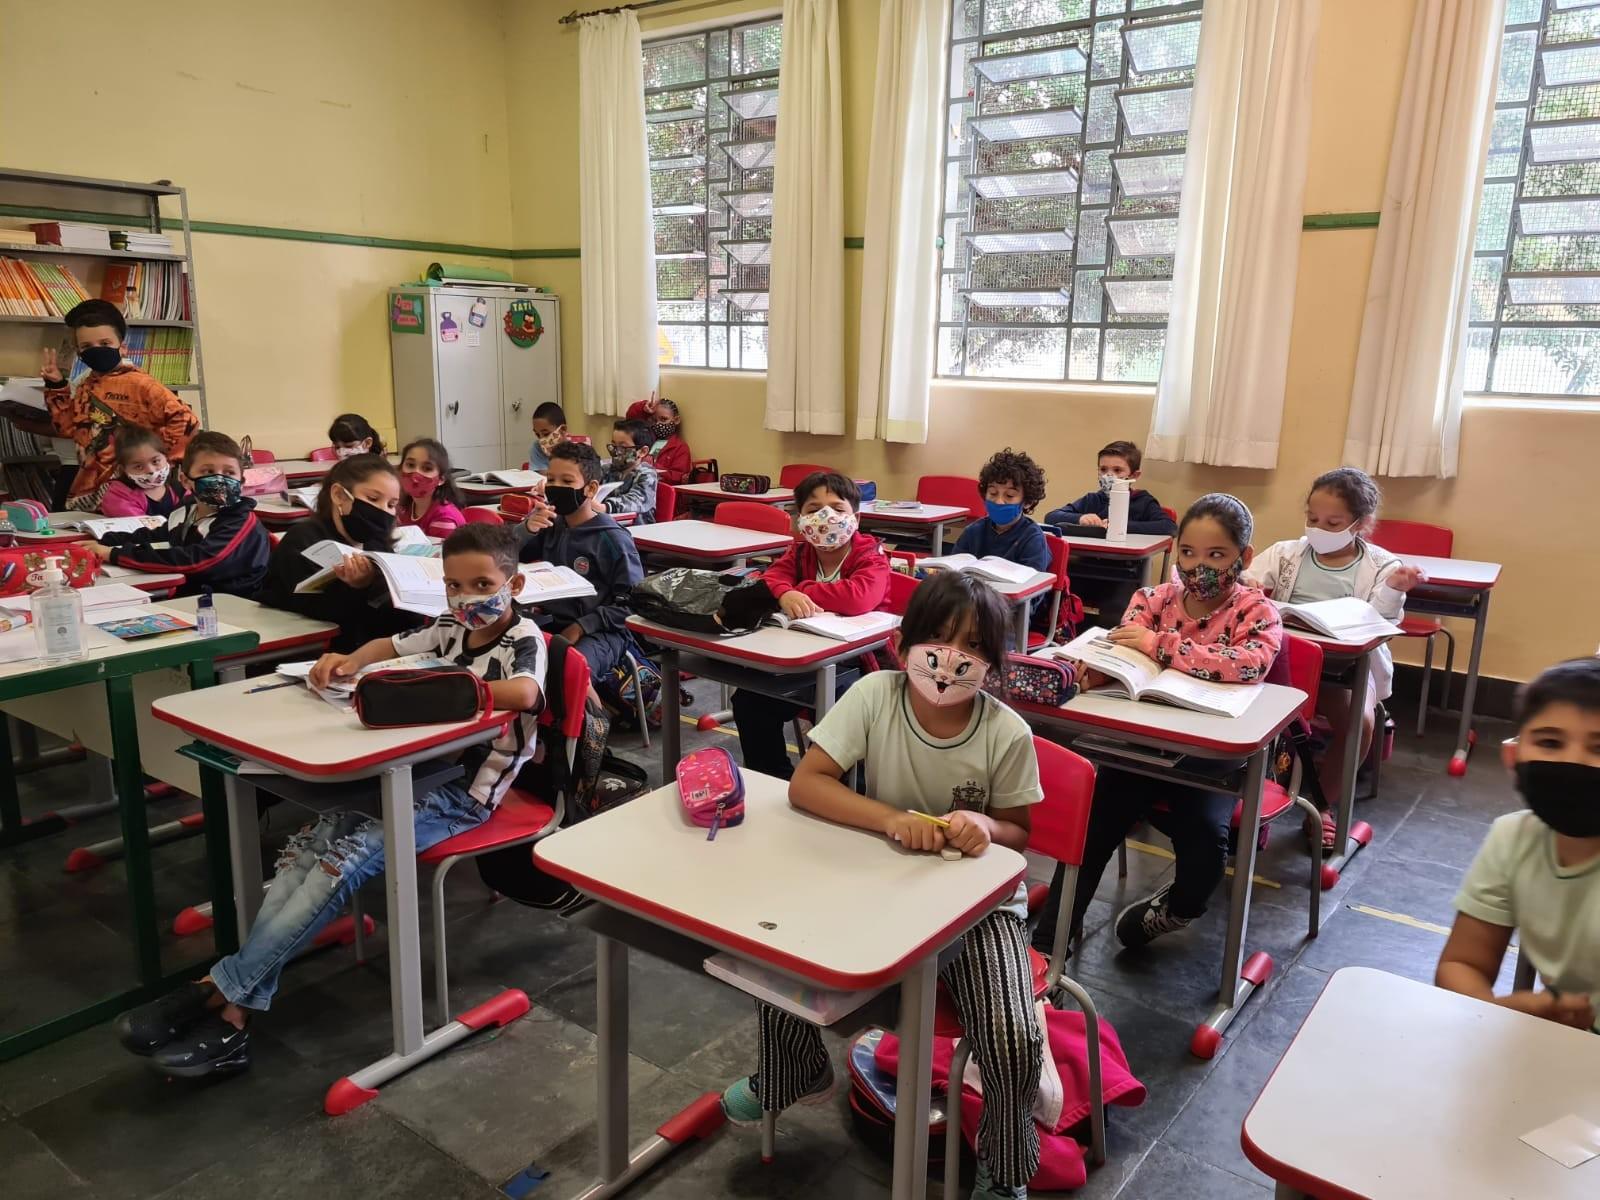 80% dos alunos foram às aulas no 1º dia de presença obrigatória, diz Diretoria de Ensino de São Carlos